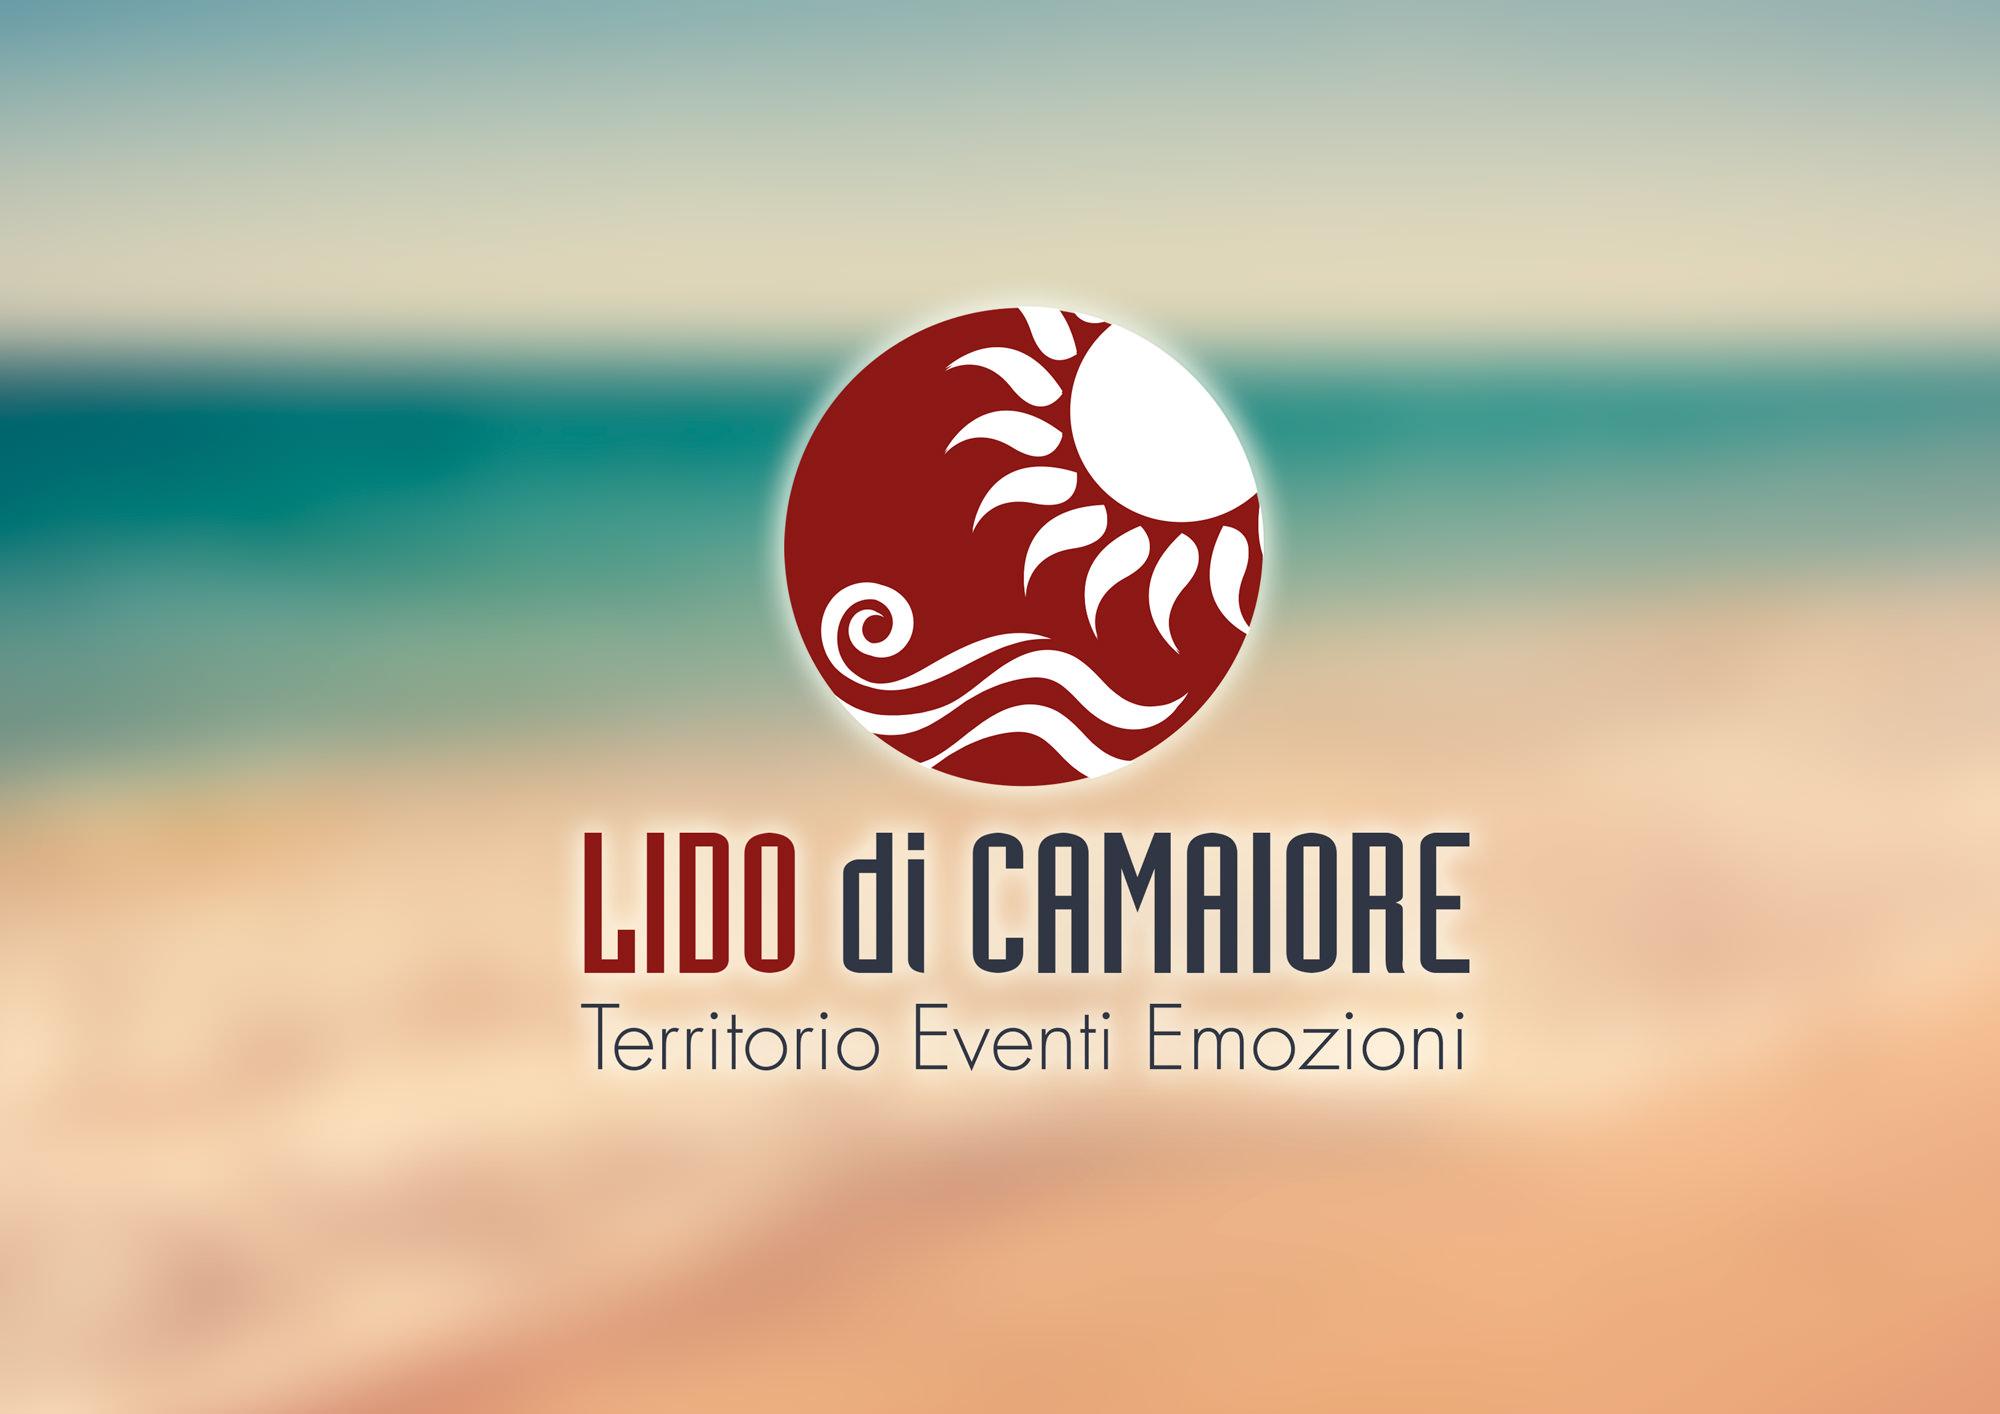 Un unico logo per Lido di Camaiore